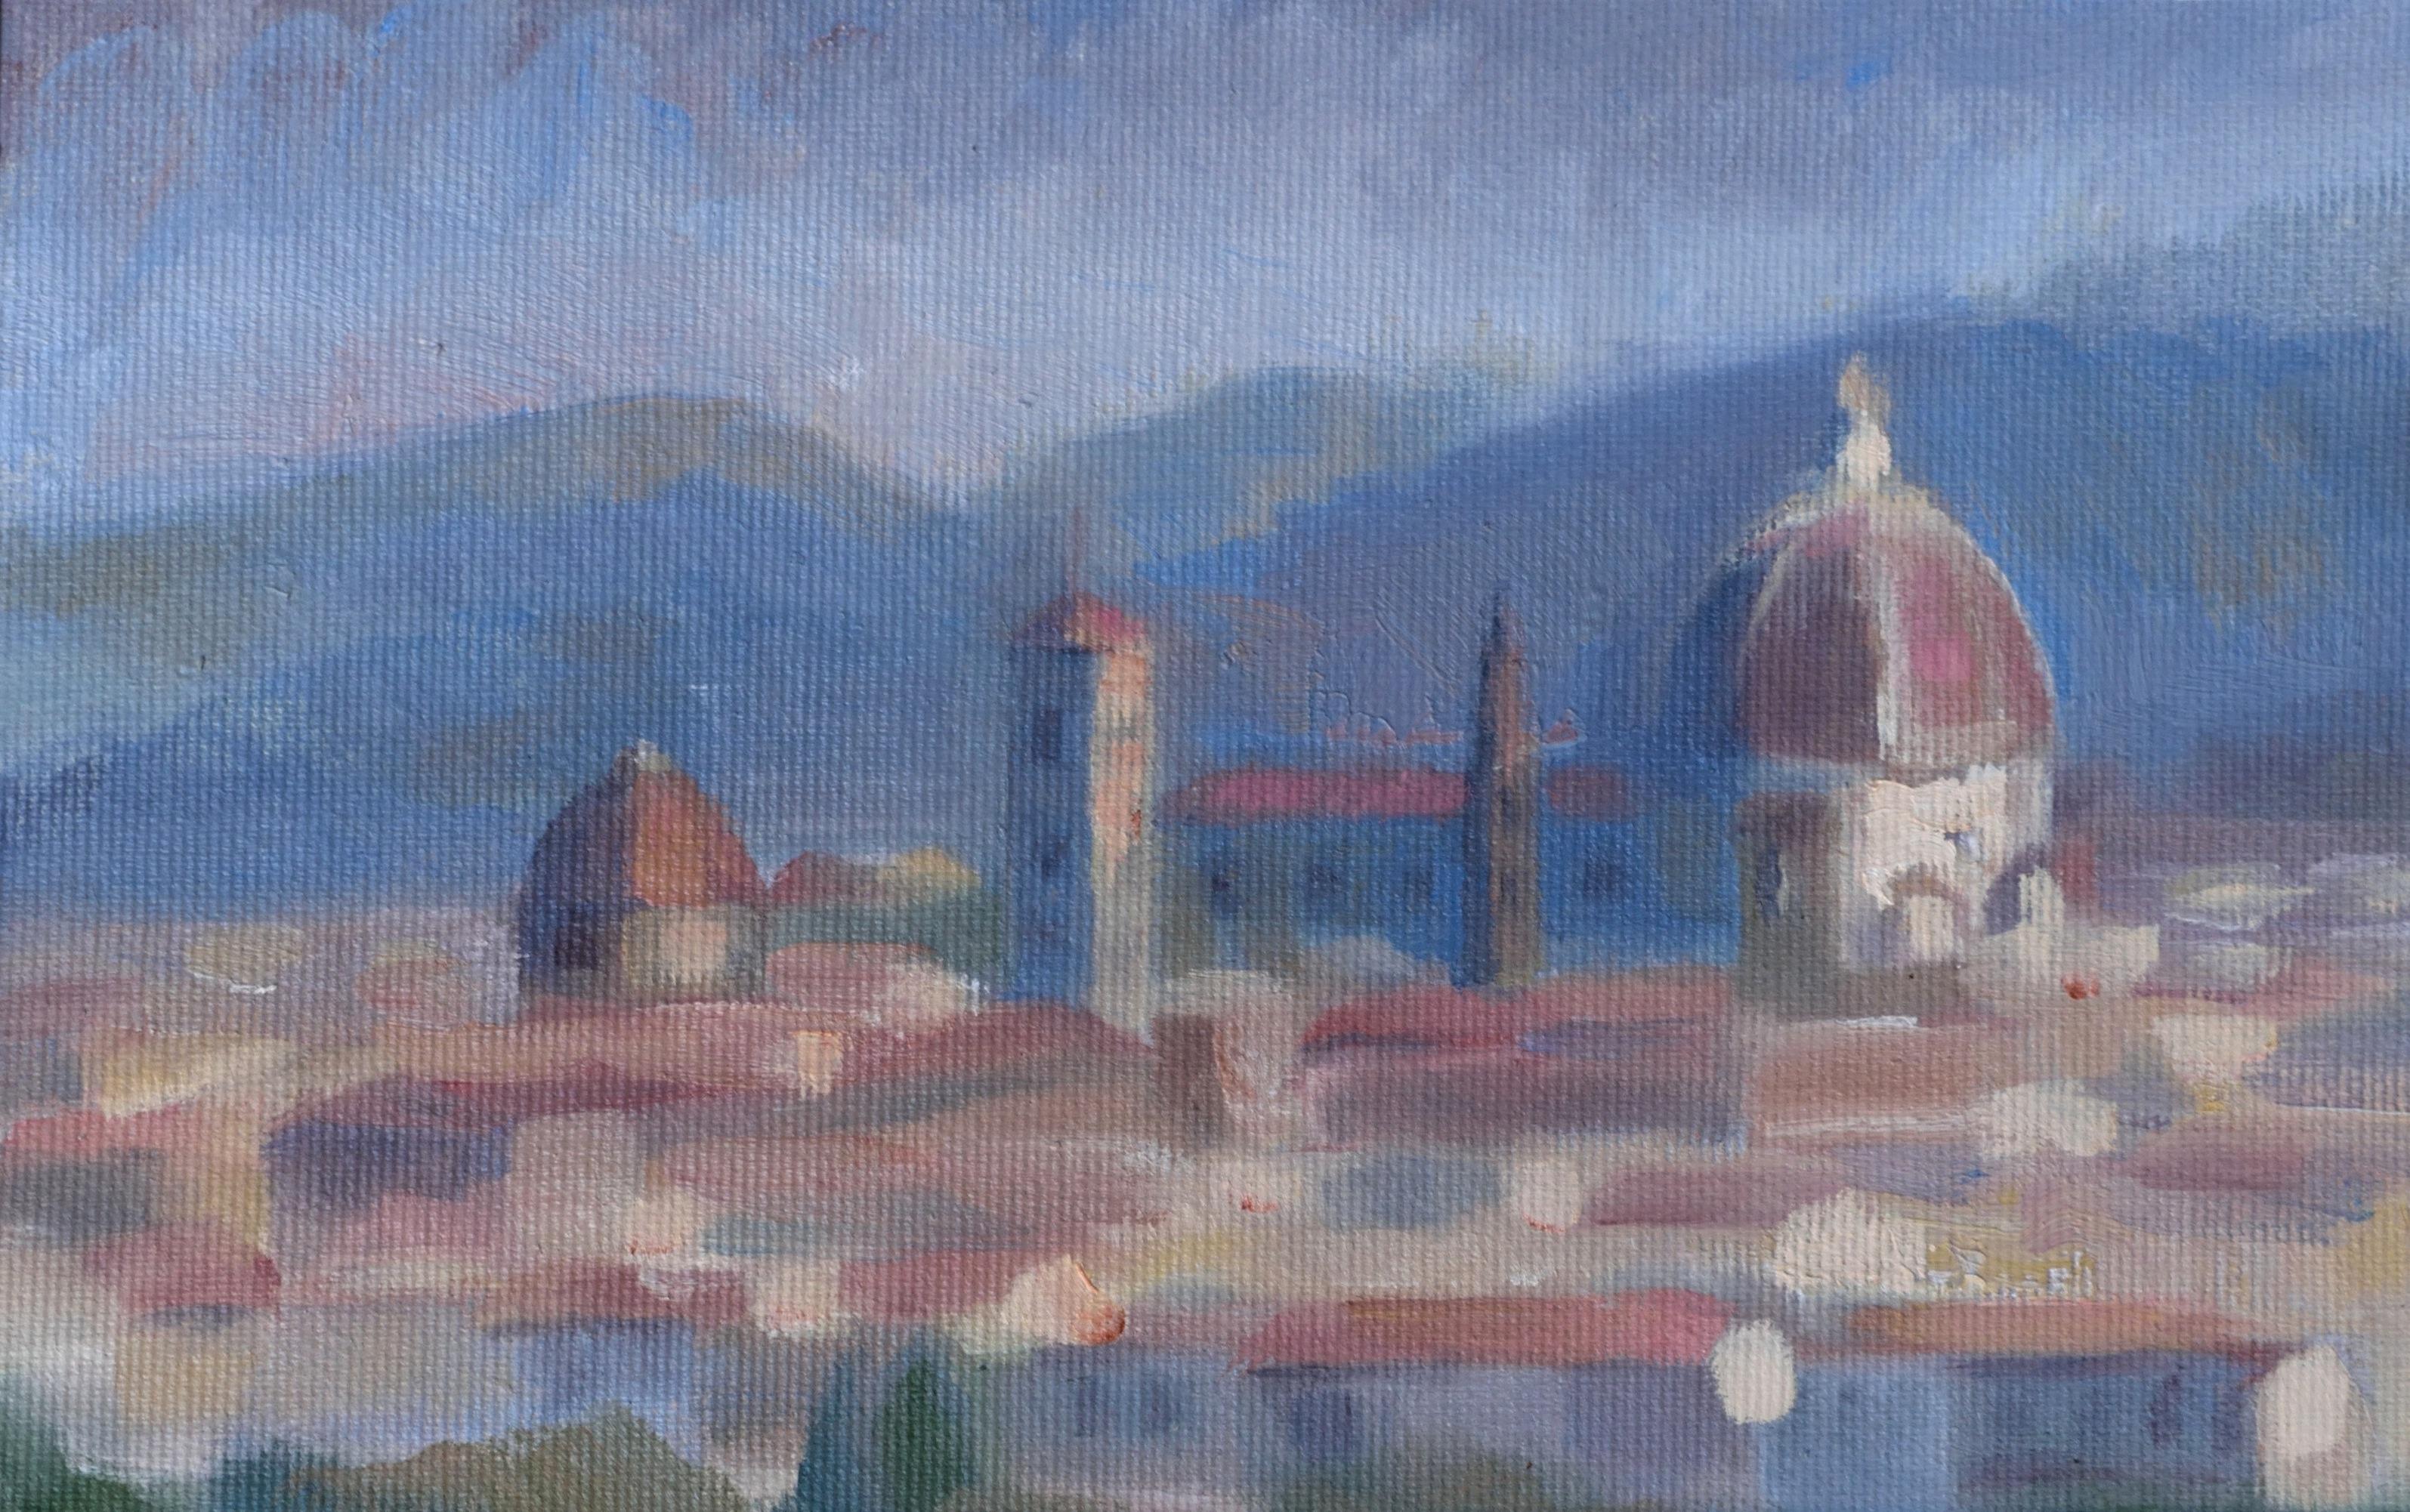 Duomo di Firenze, oil on canvas, 15 x 30 cm, 2017